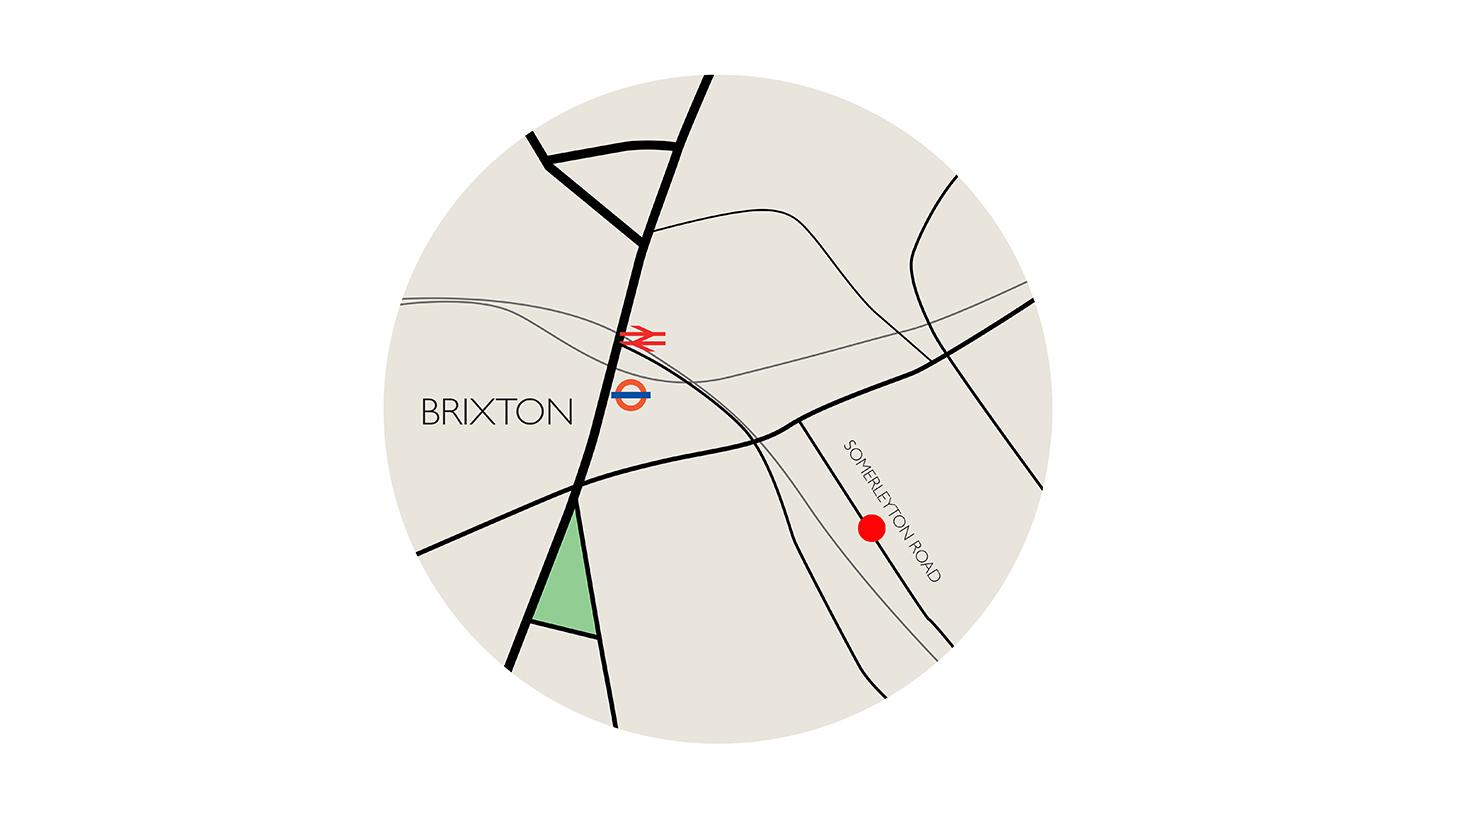 BRIXTON-clip-1460